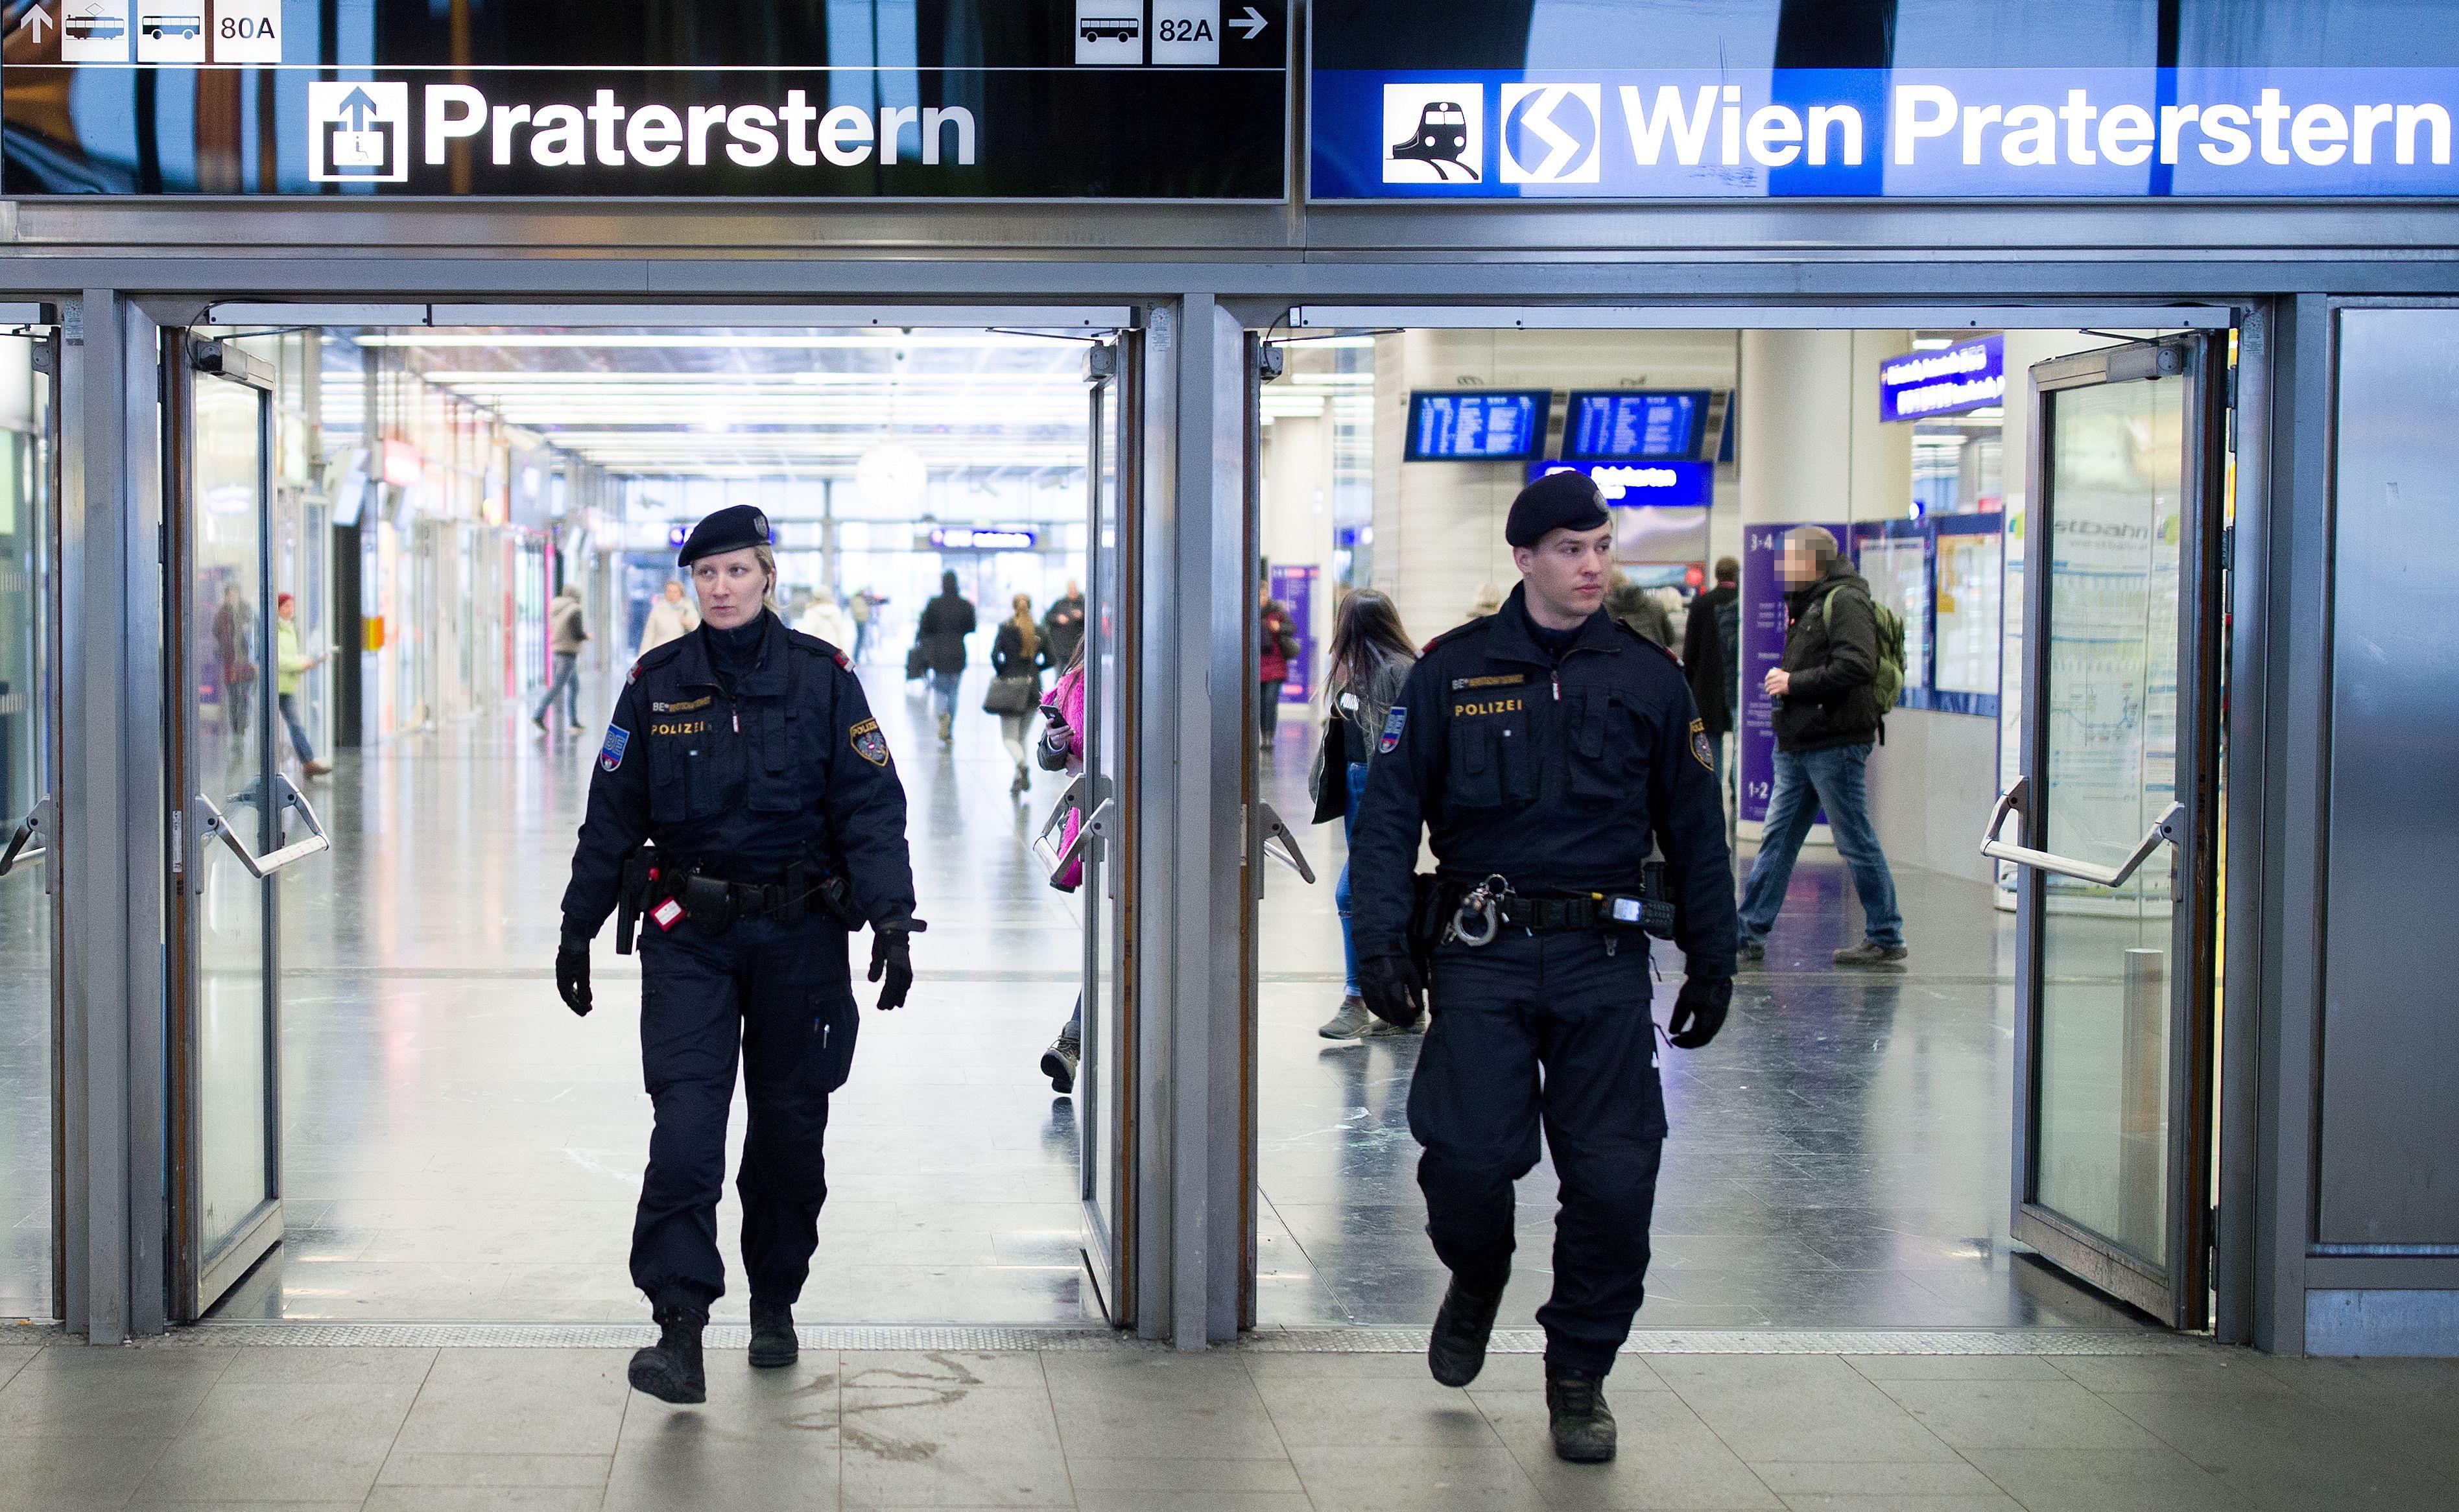 Waffenverbot in Wien ab 1. Februar: Erste Zonen stehen fest